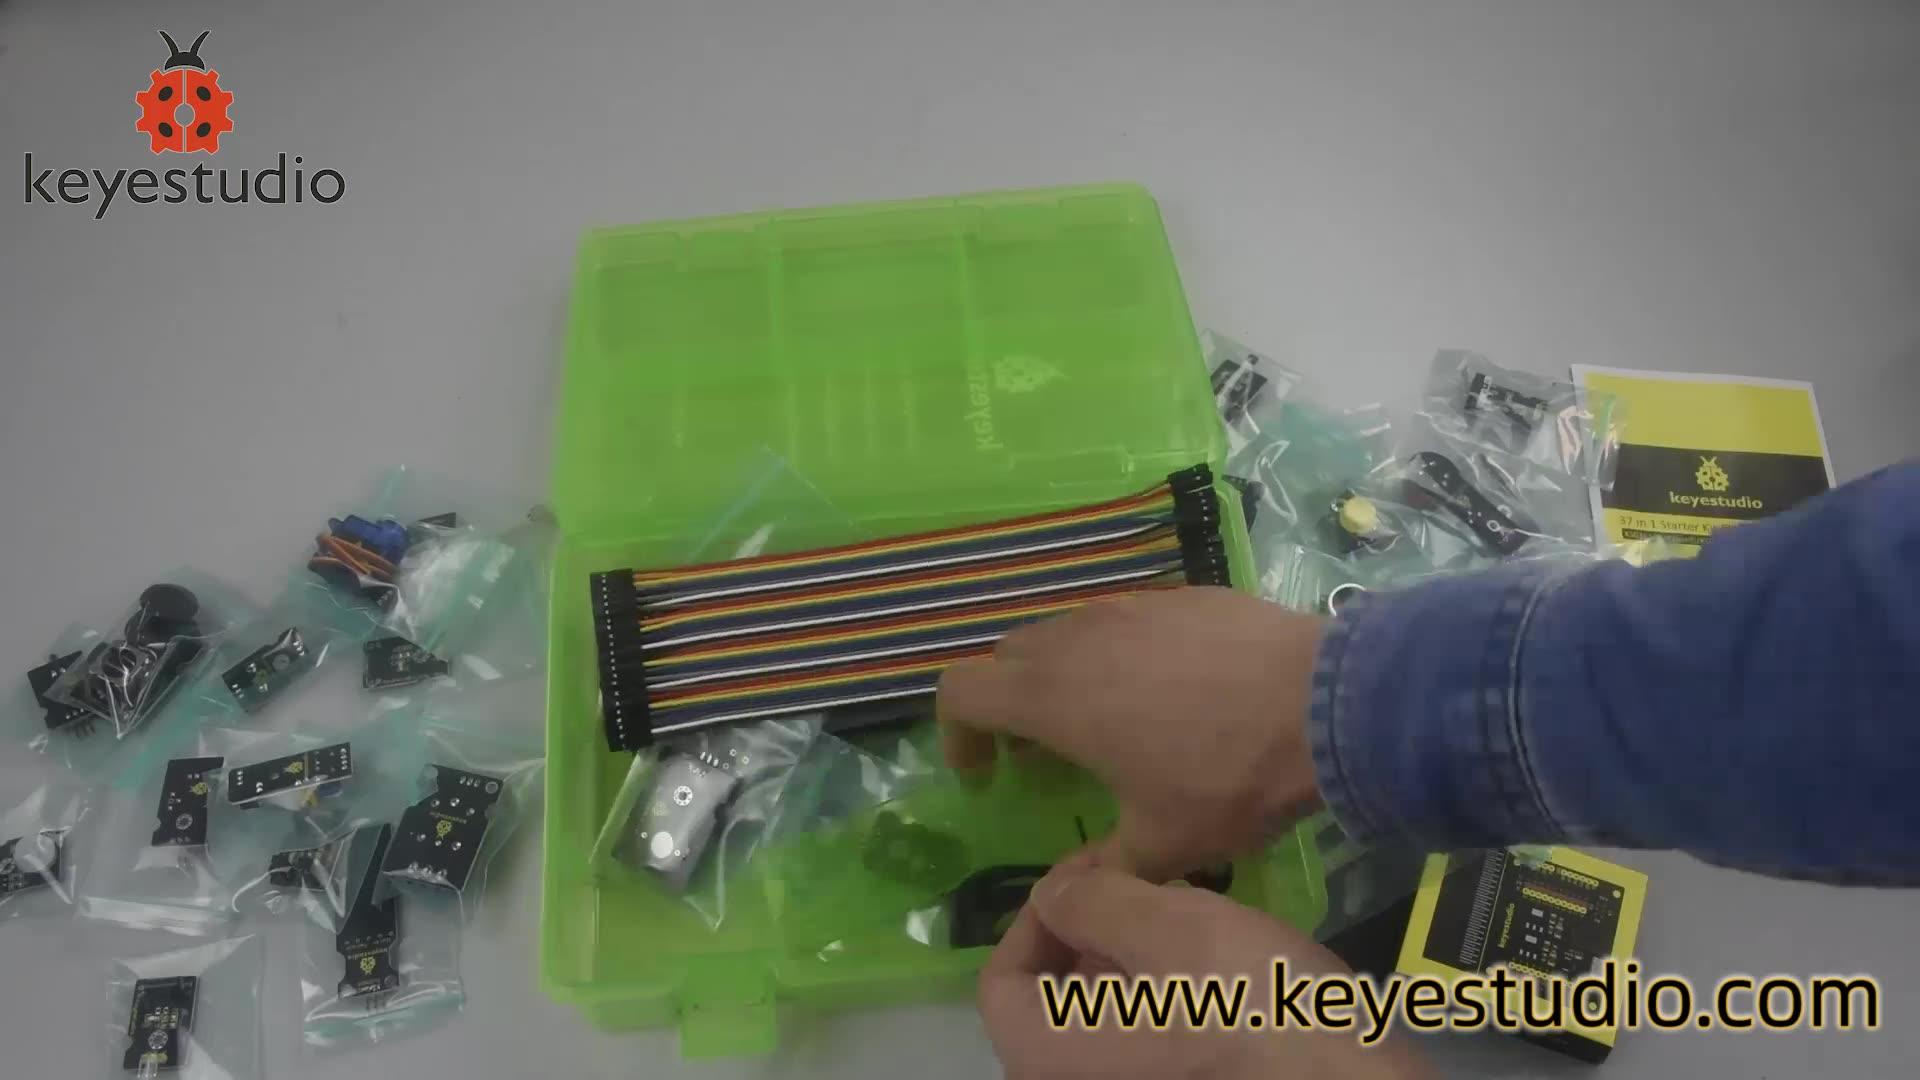 Keyestudio 37 in 1 Sensor Shield Starter Kit with Microbit Board for BBC Micro bit